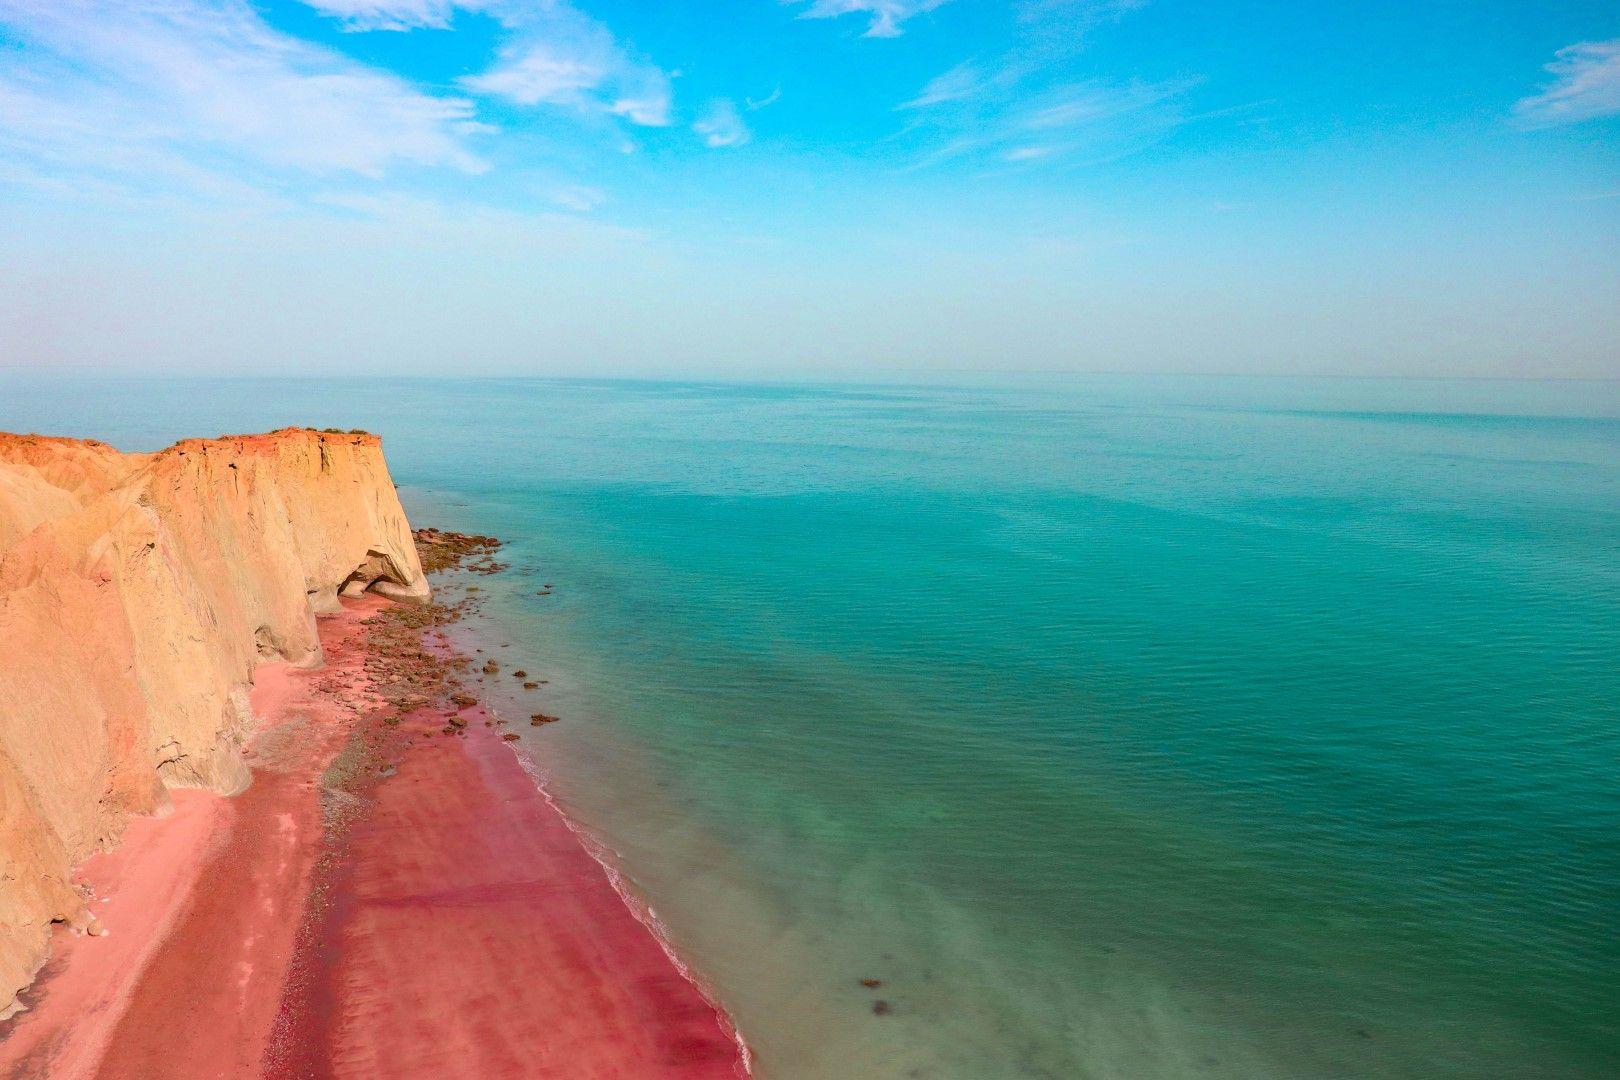 Остров Хормуз се намира в Персийския залив и е известен с червените си скали, модерната си кулинарна сцена и арт атмосферата си